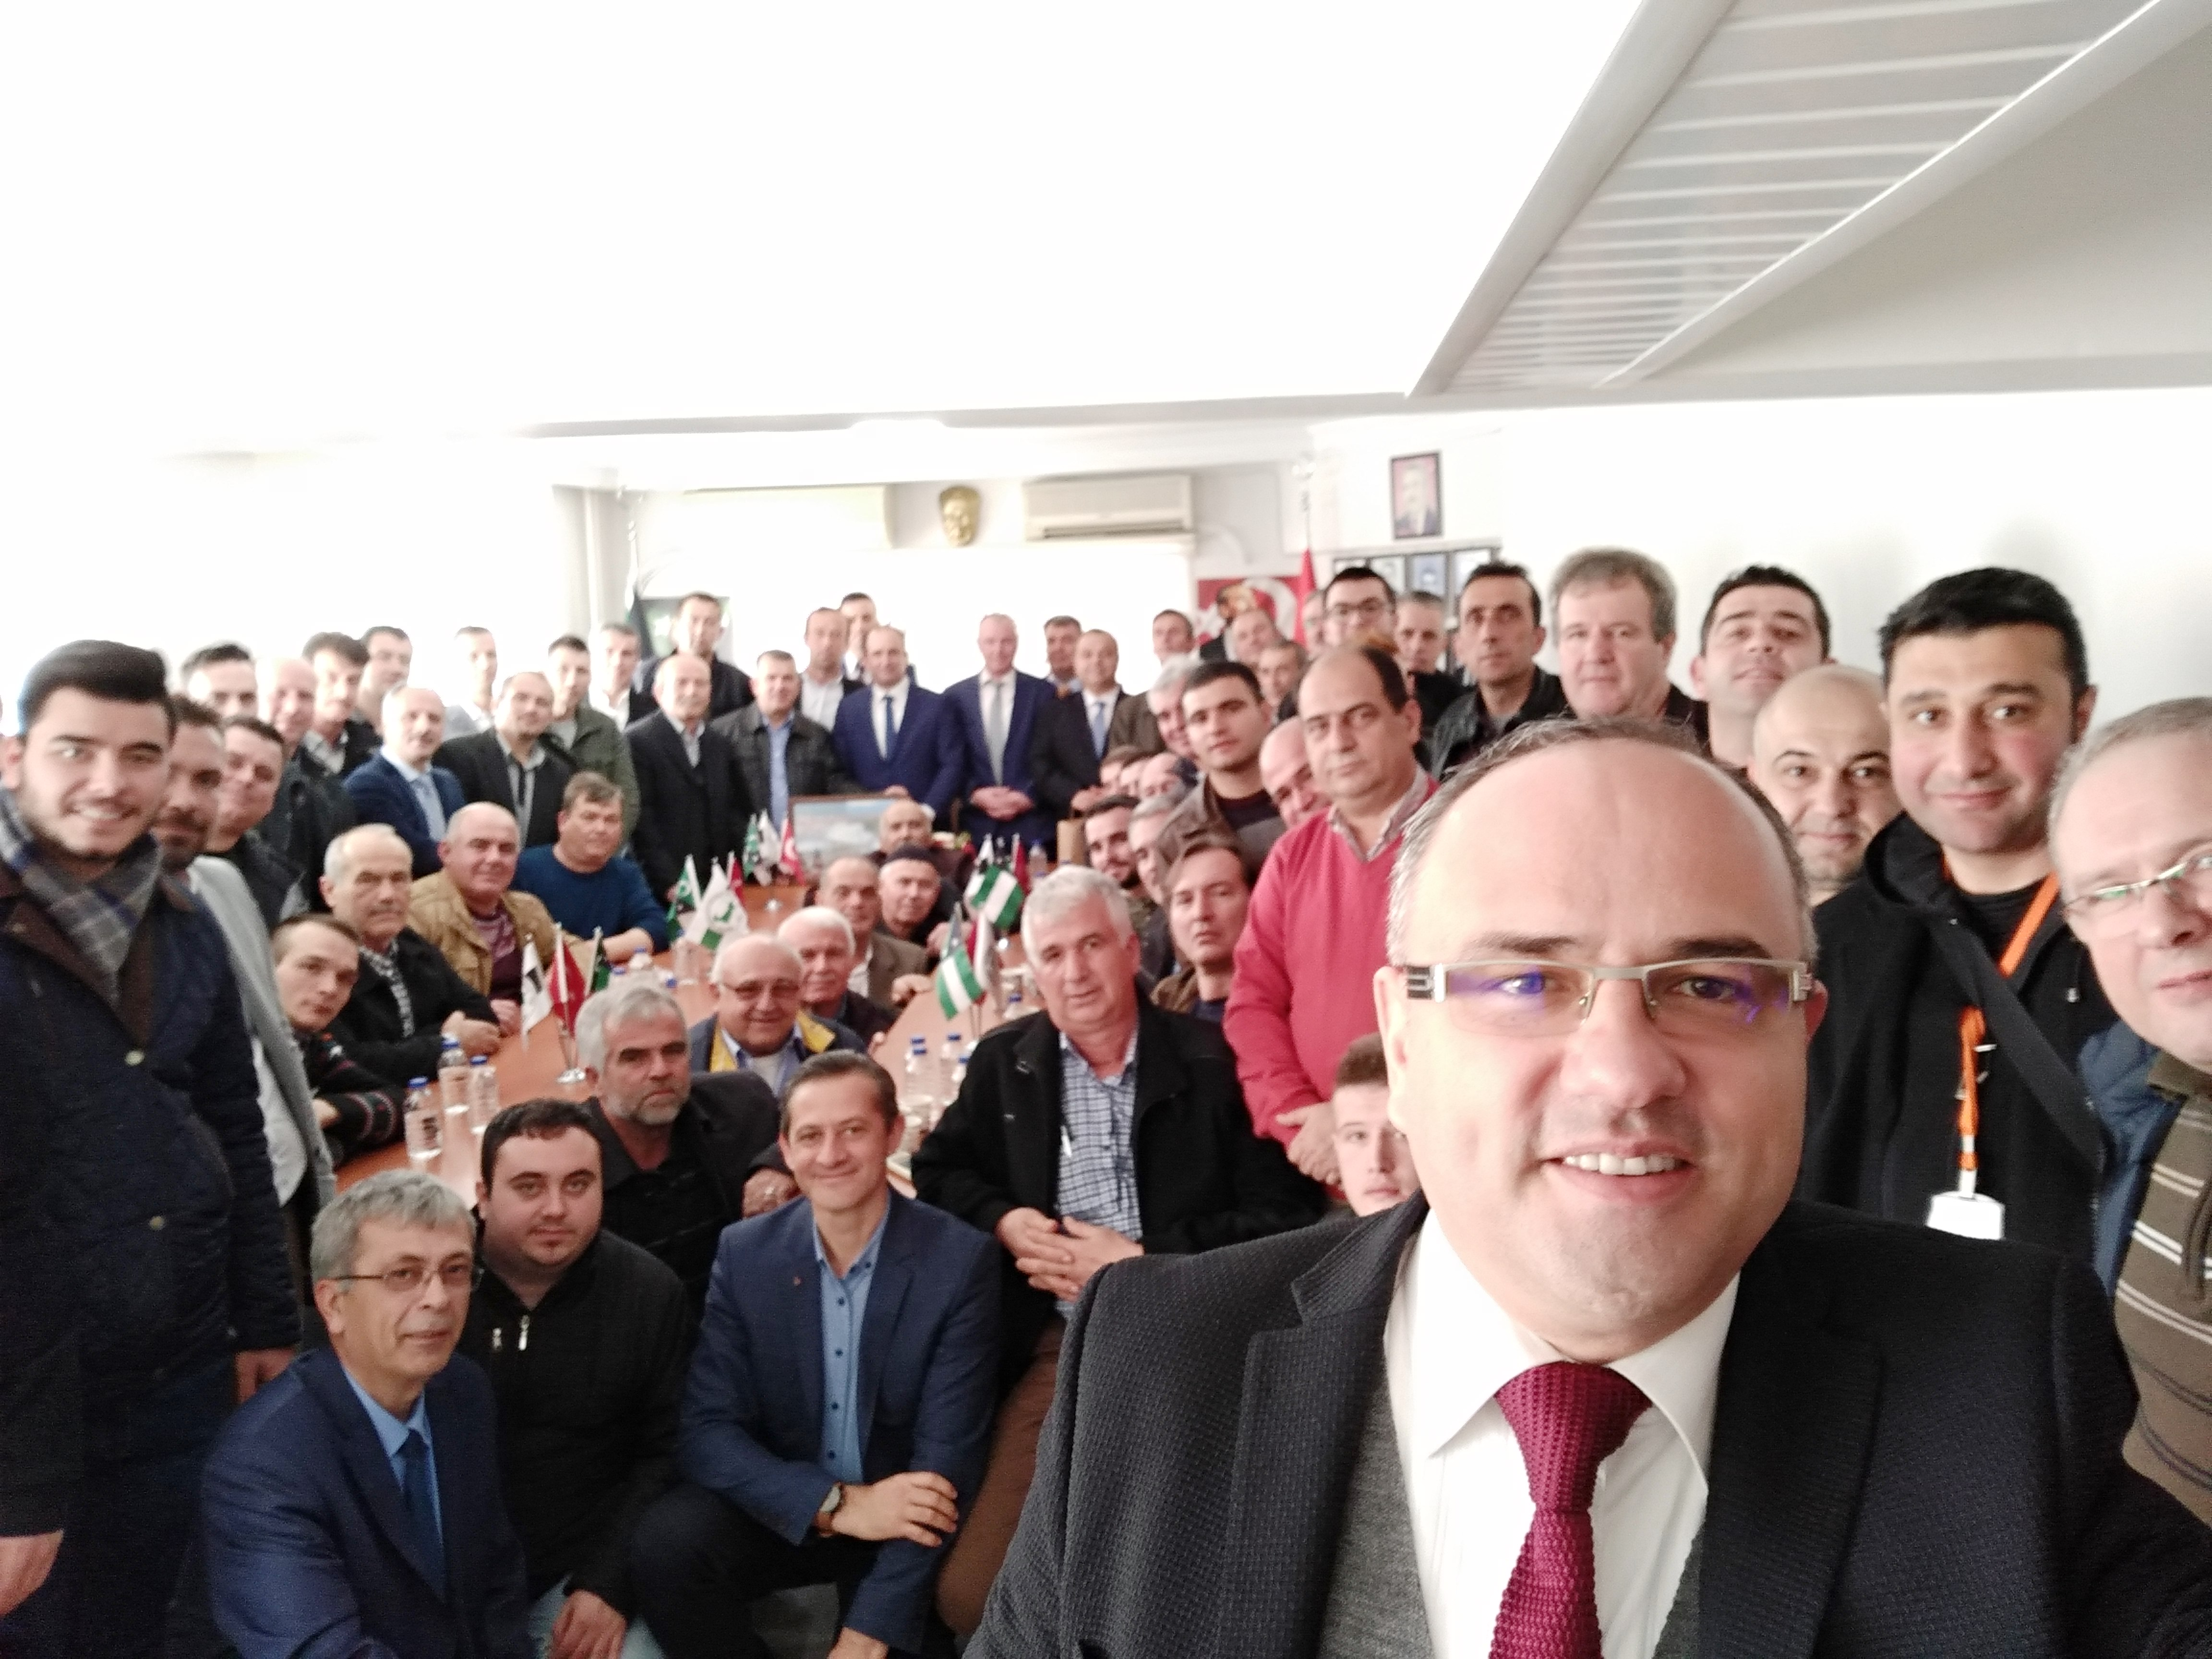 Domruköy Başkan Ali EminLatif'e Sahip Çıkıyor